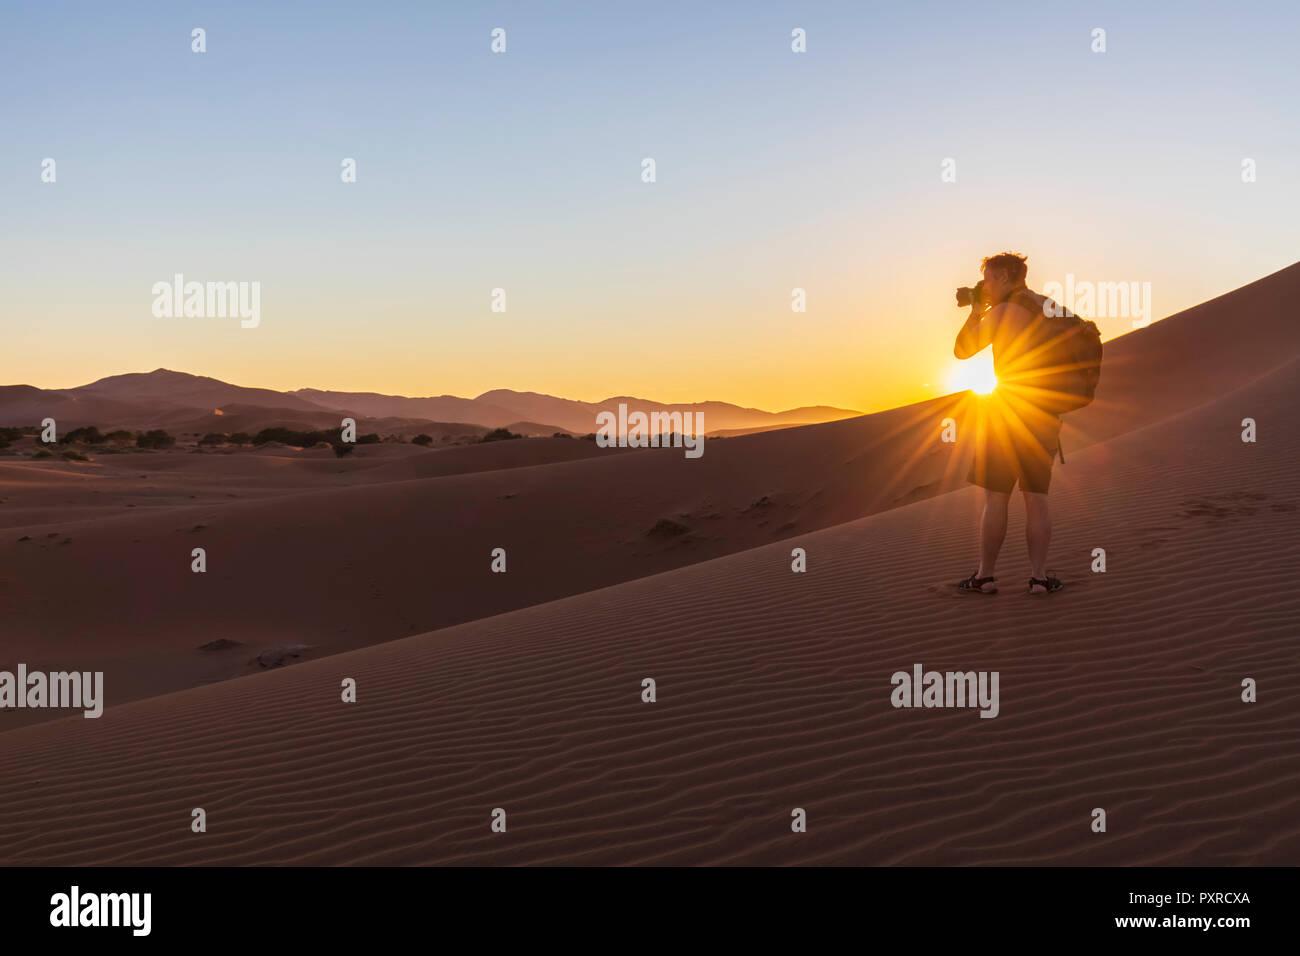 Africa, Namibia, Namib desert, Naukluft National Park, photographer on dune during sunrise - Stock Image